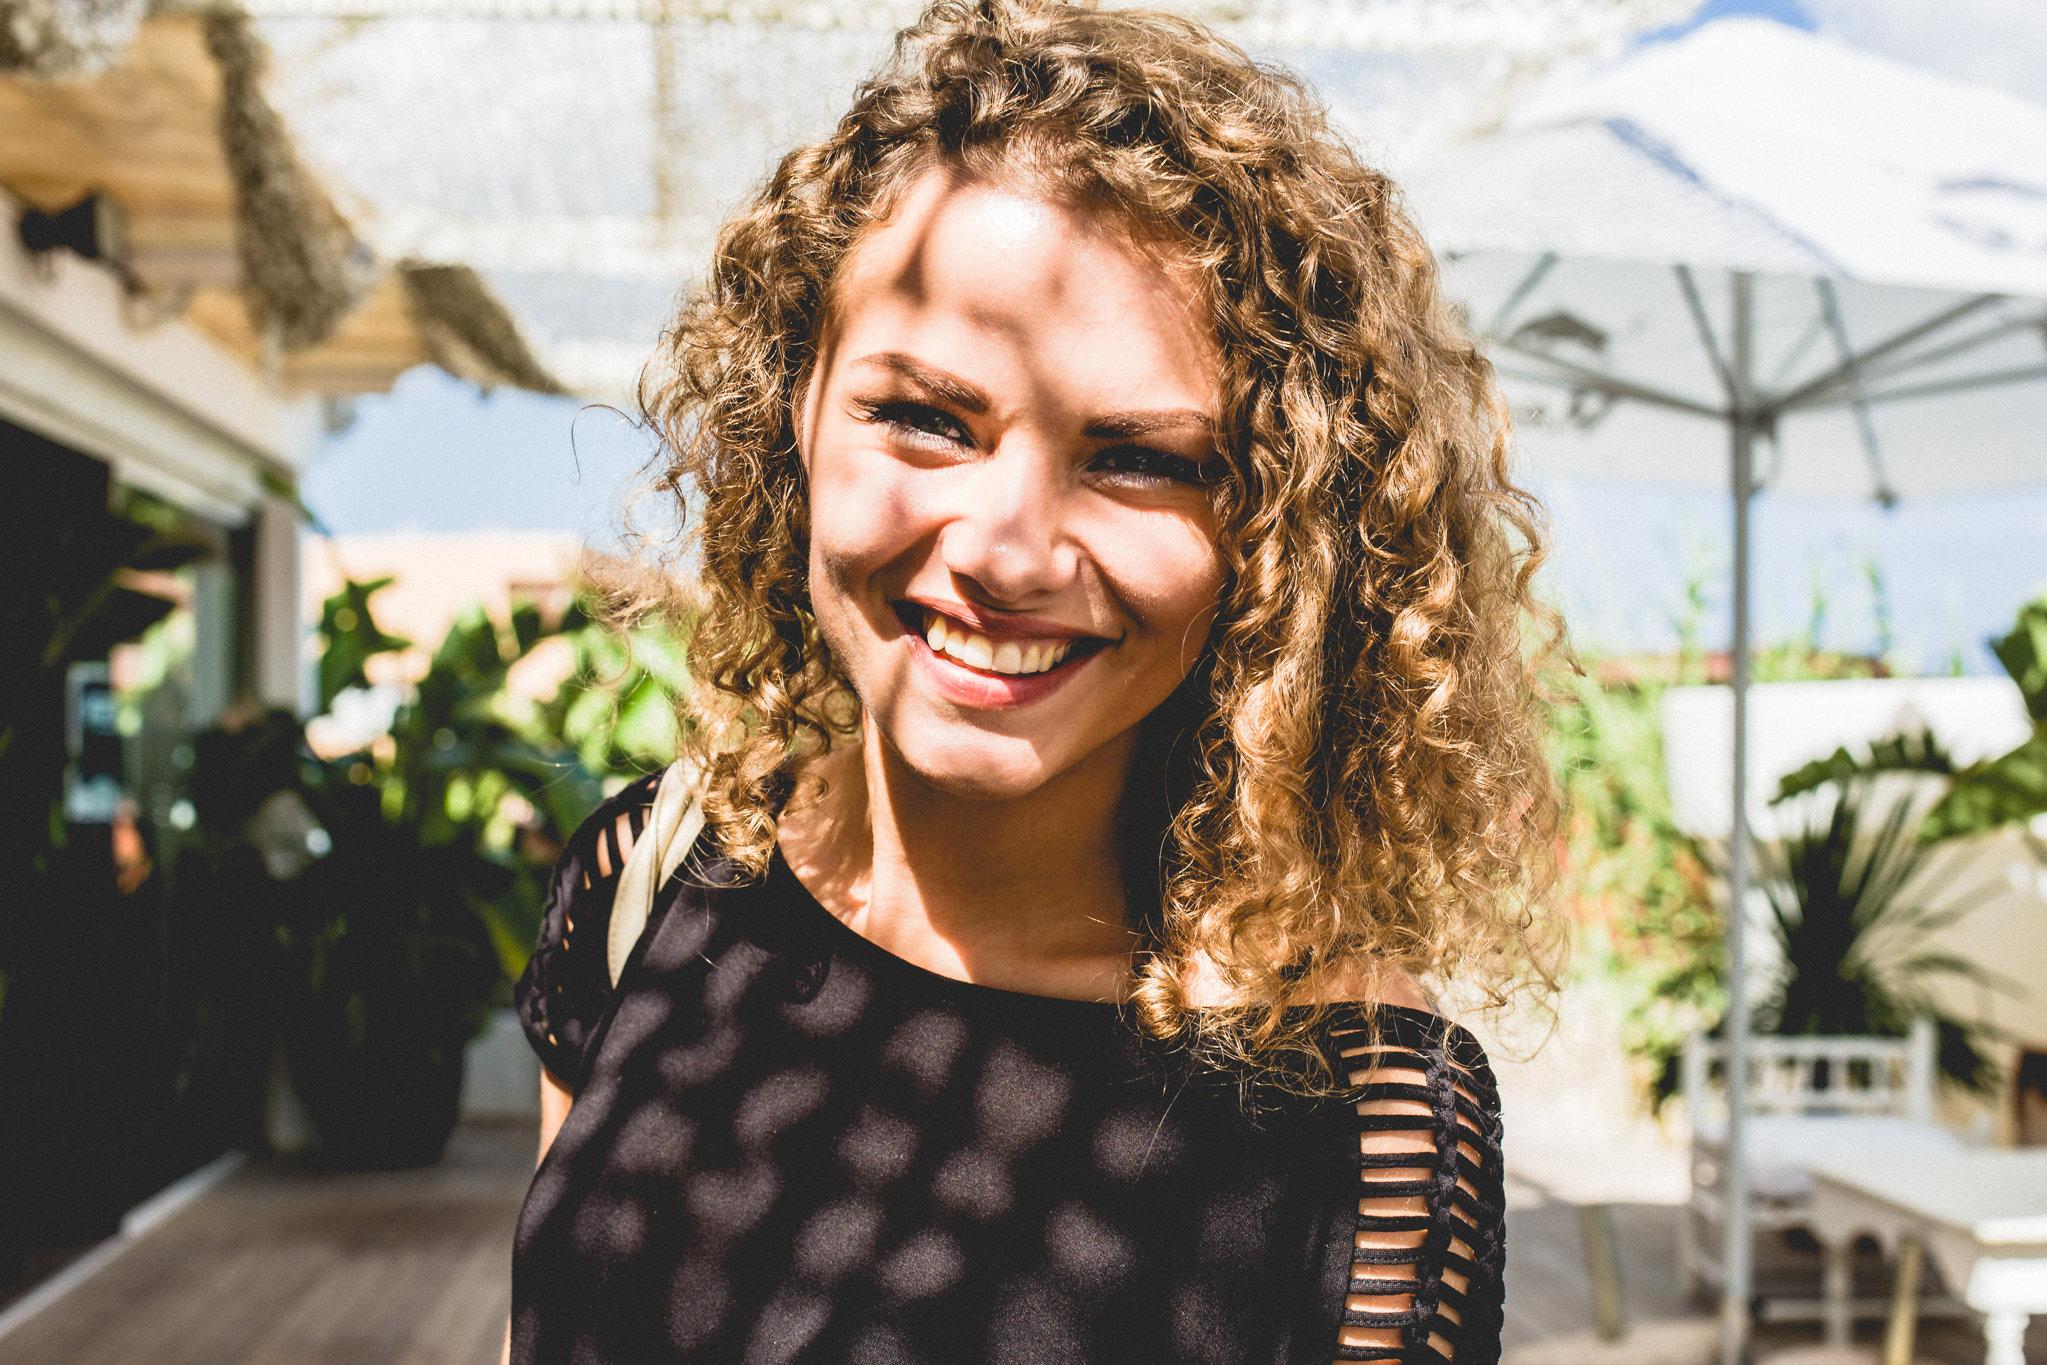 Din Lituania direct în Ibiza: Samanta și povestea ei cu soundtrack techno